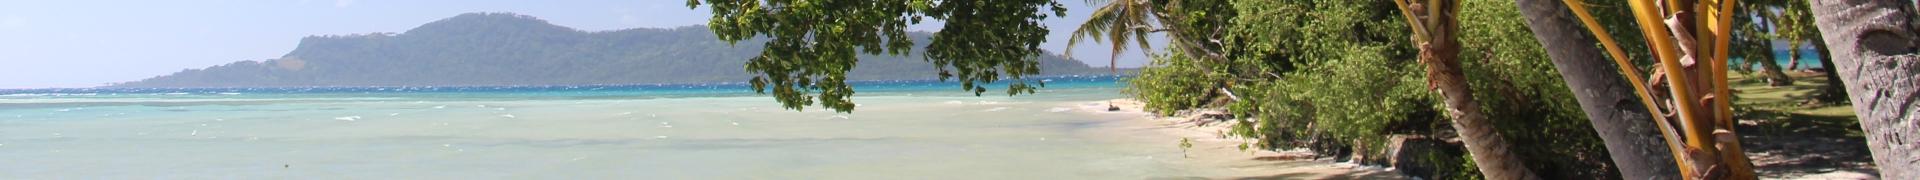 Coastal strand vegetation in Chuuk, Micronesia.ate change.